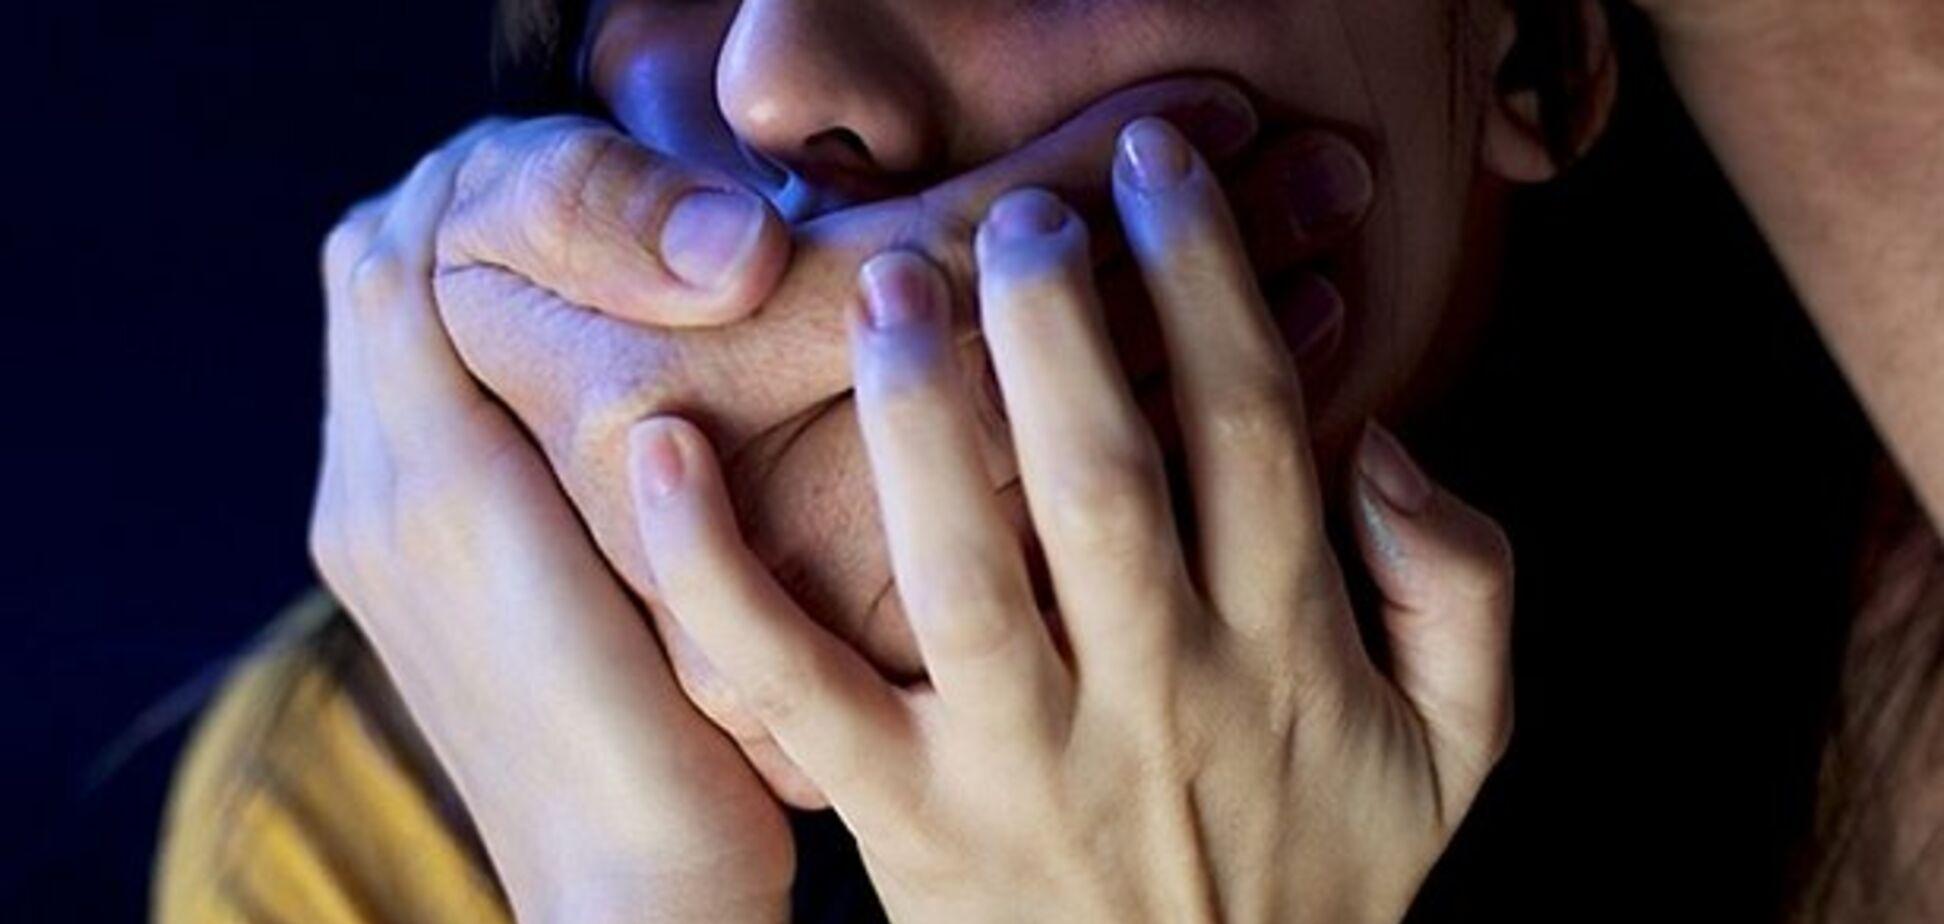 У Кривому Розі жінку зґвалтували у власному будинку